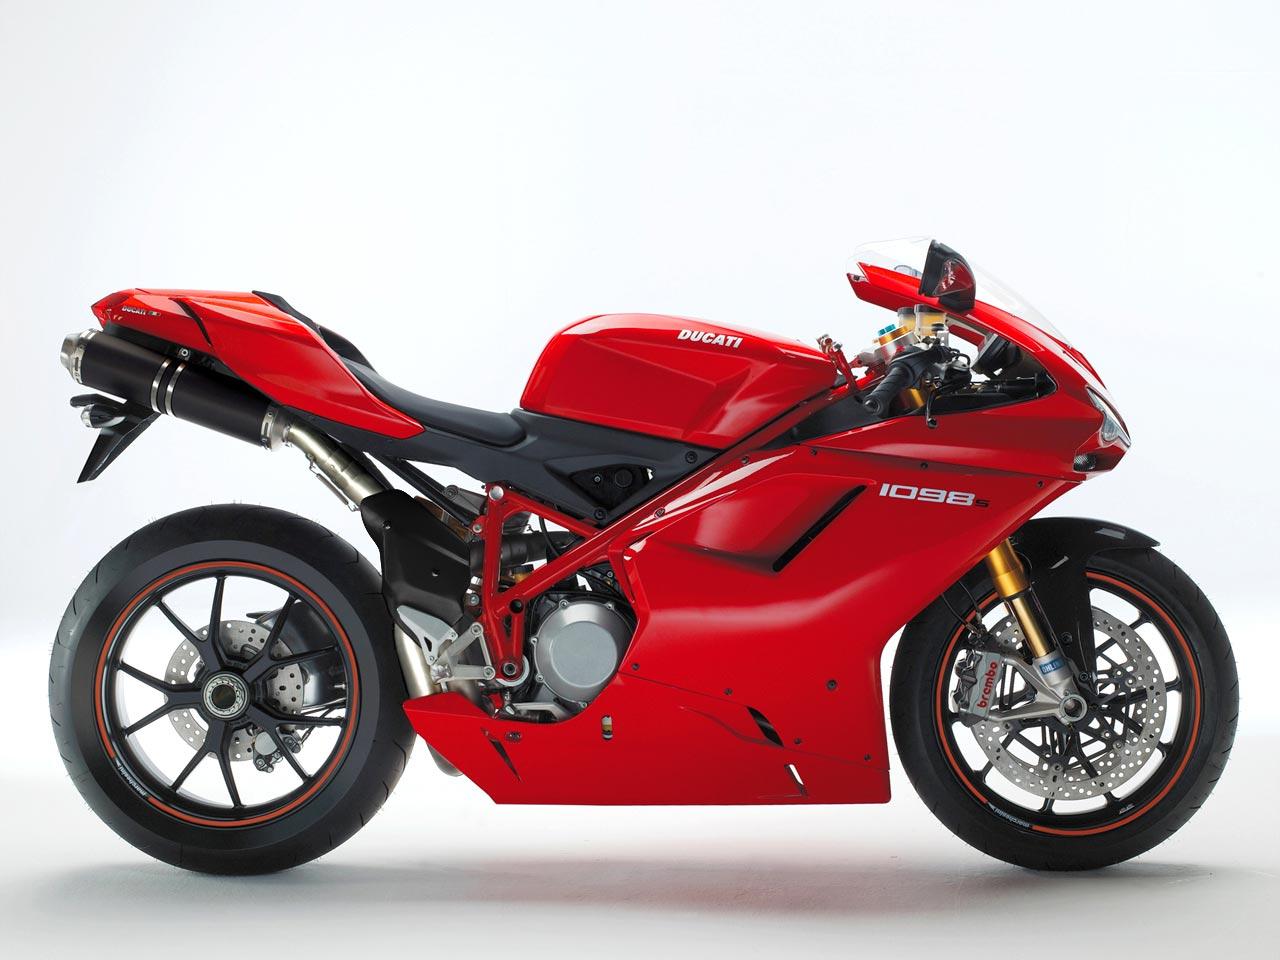 2007 Ducati 1098S Superbike